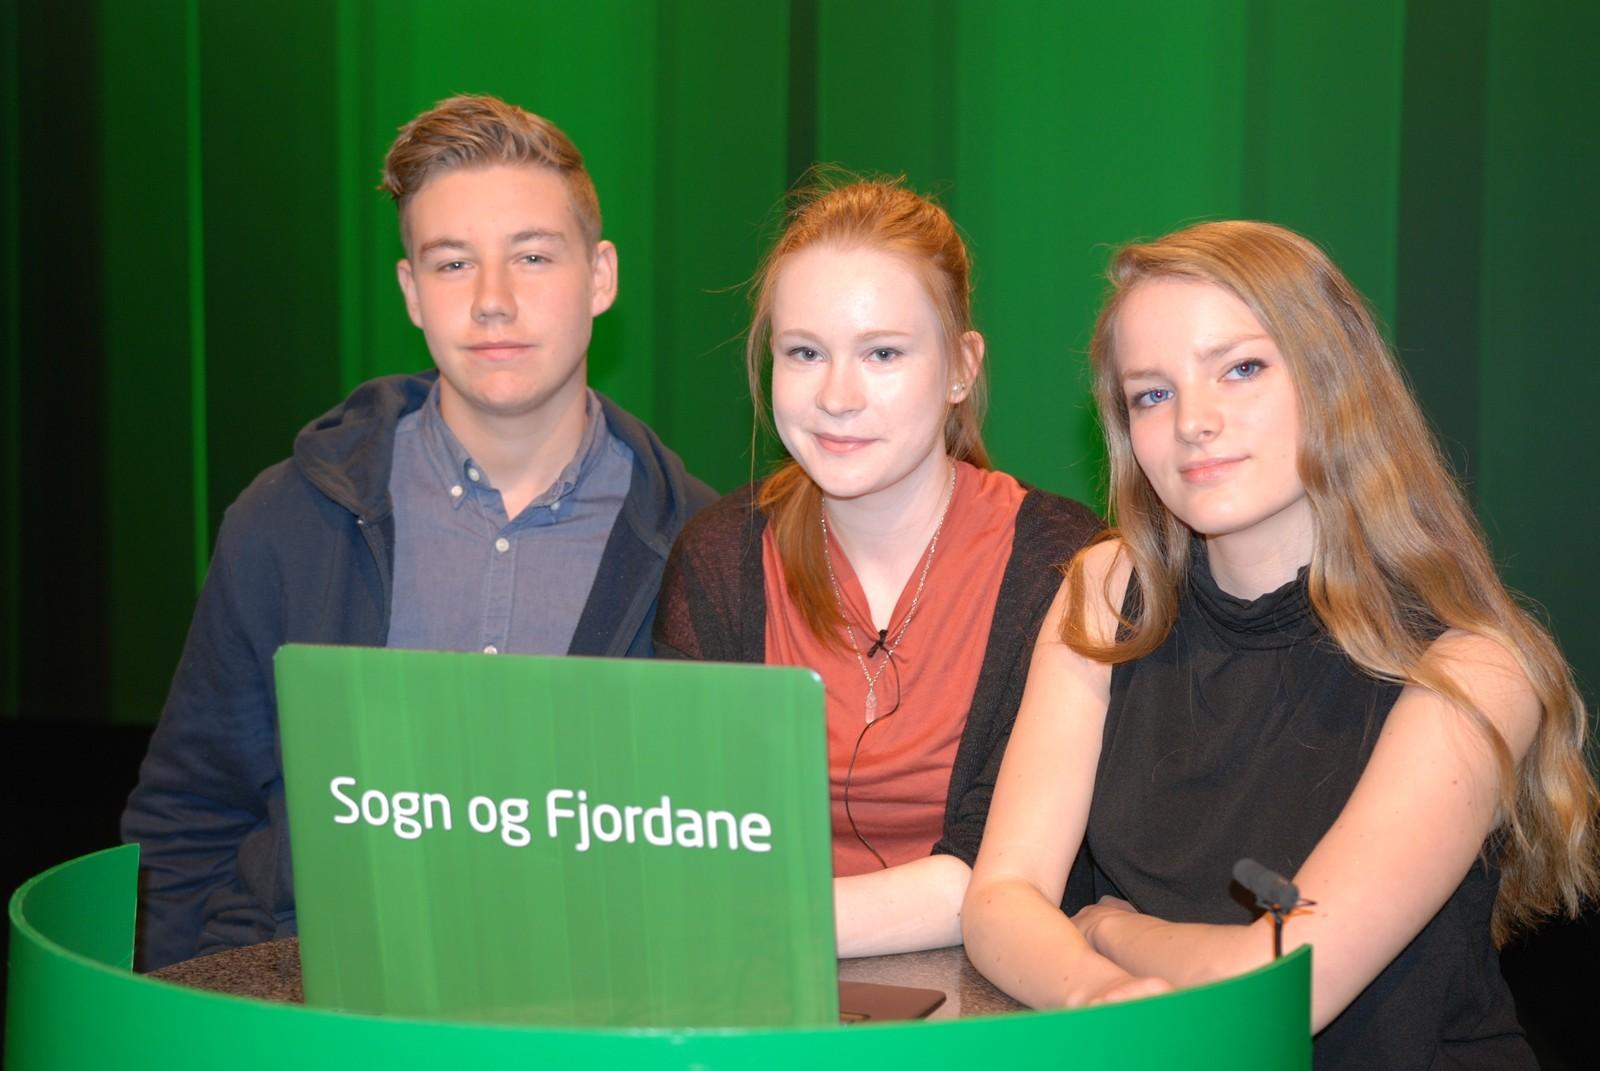 SOGN OG FJORDANE: Førde ungdomsskule representert ved Pål Erik Flølo, Ingrid Bolstad og Jenny Heggheim Myklebust.